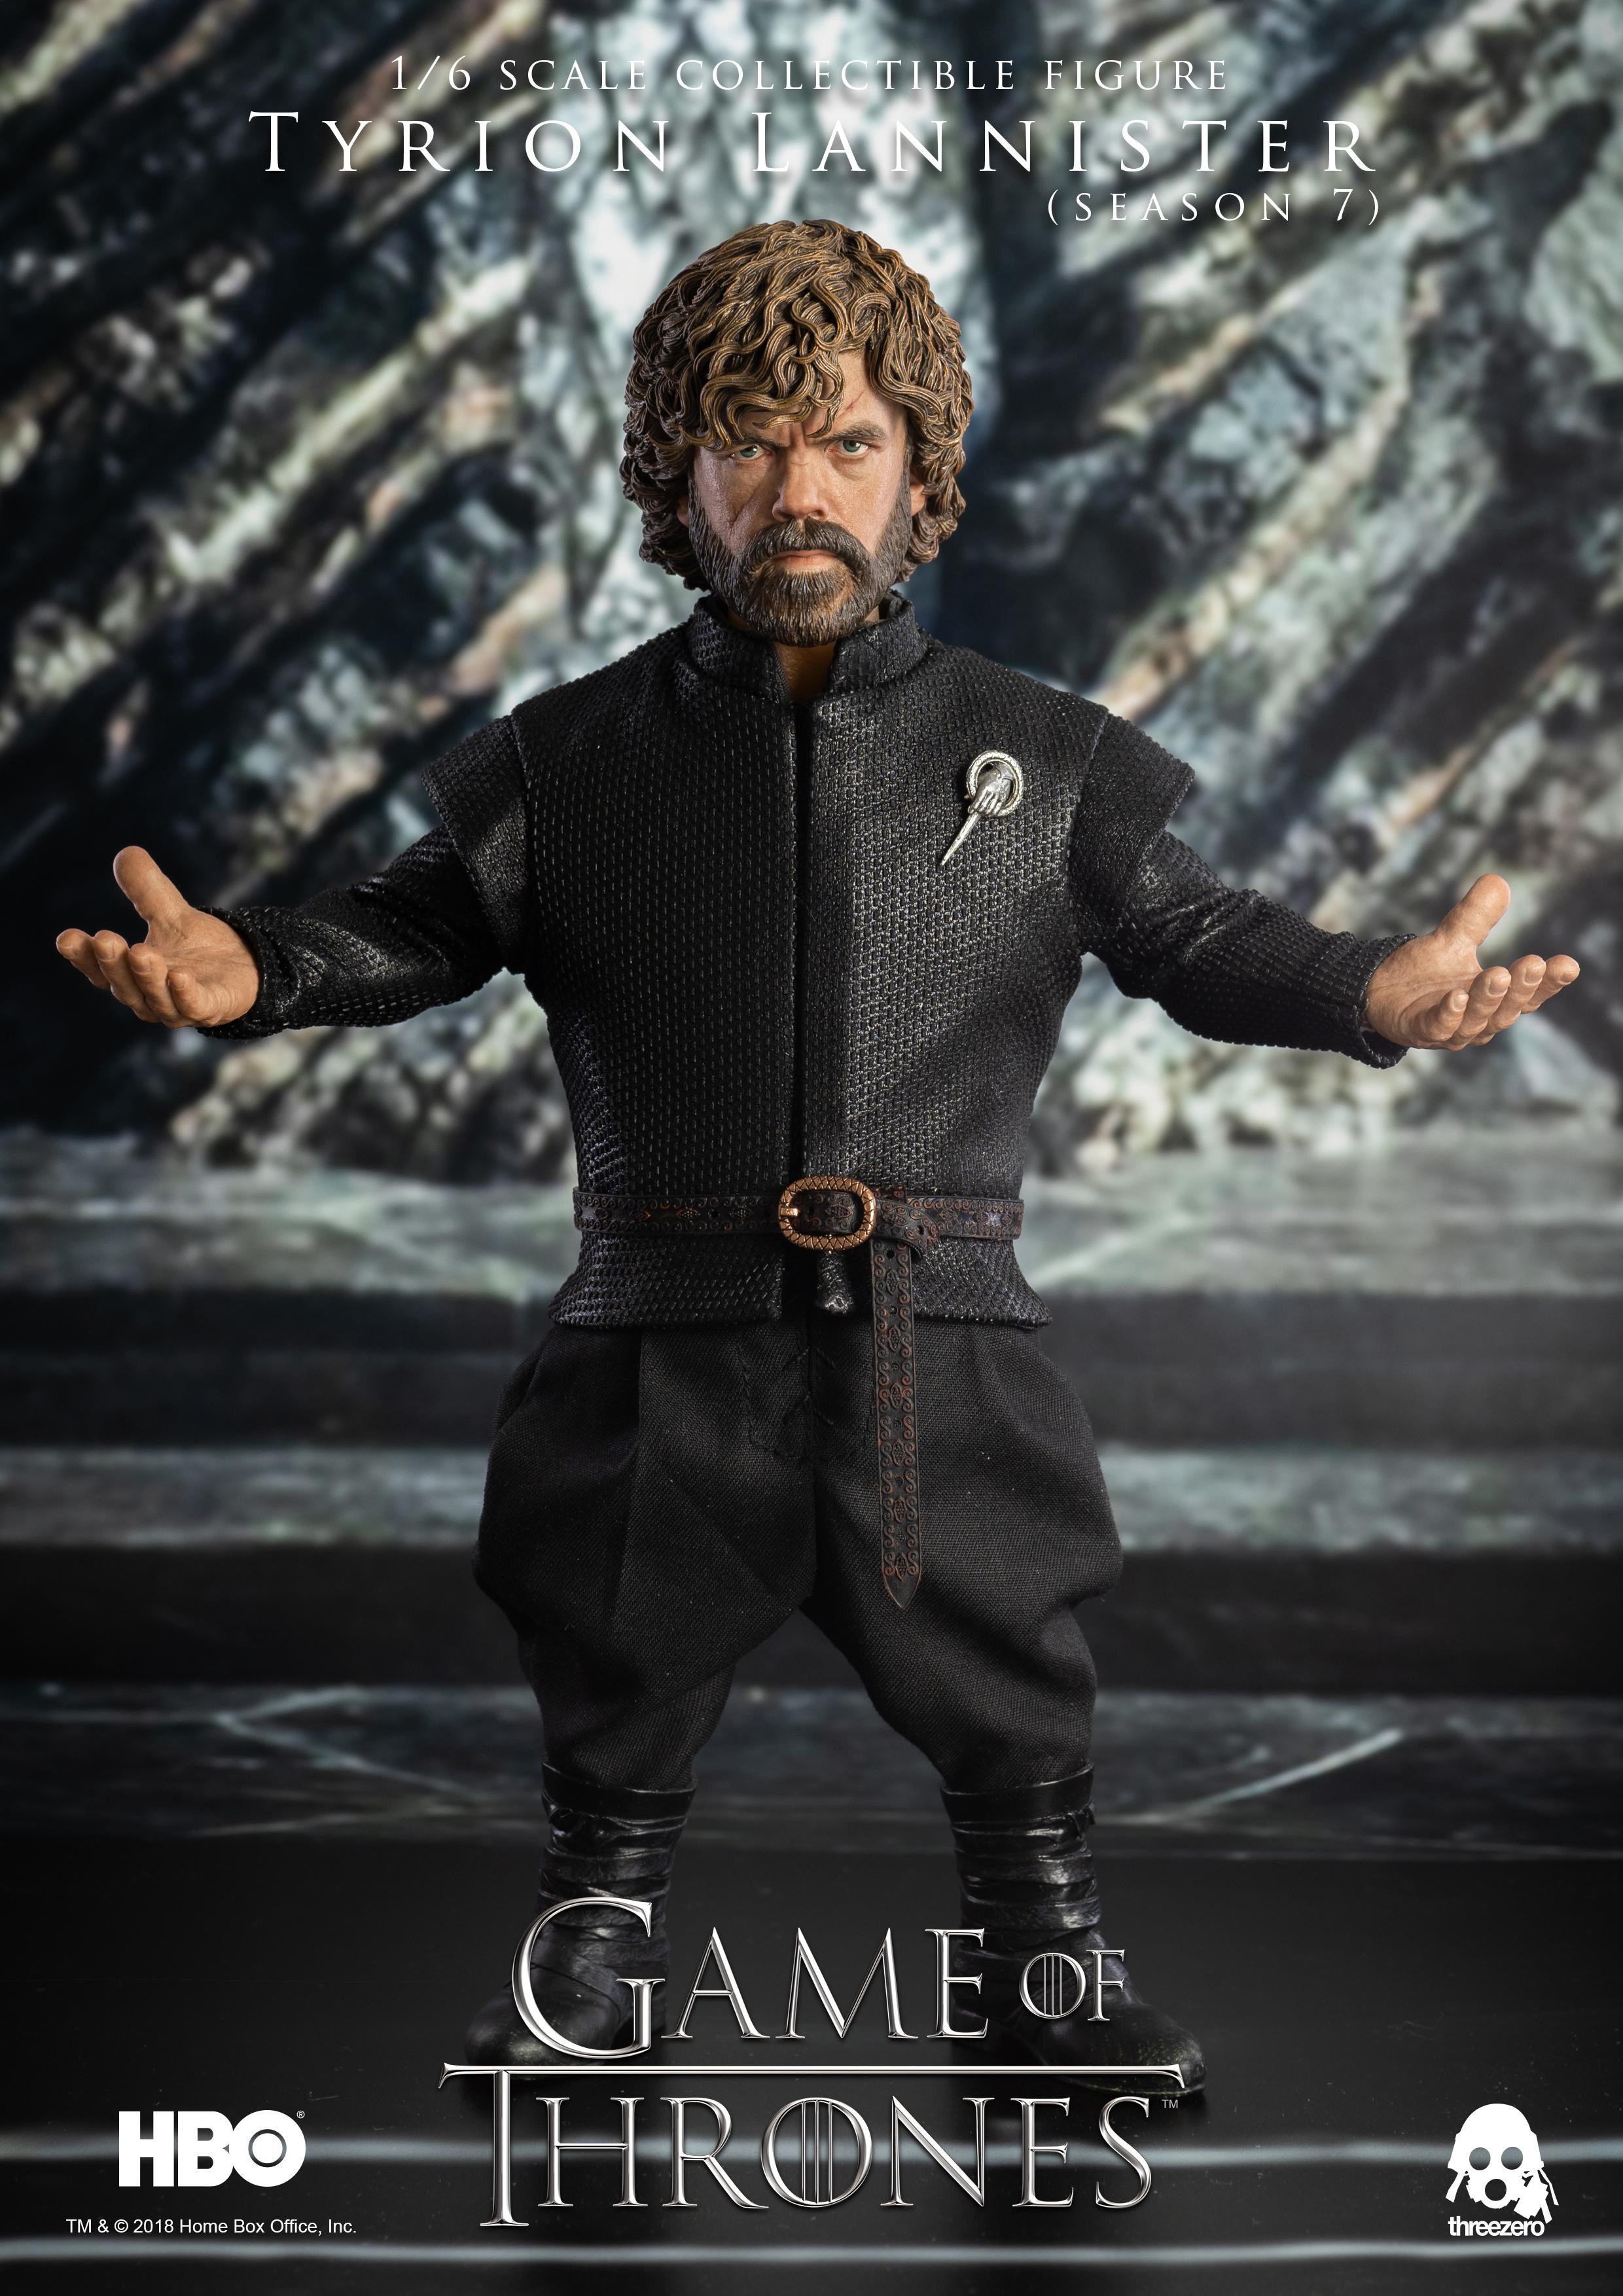 threezero tyrion lannister season 7 deluxe version